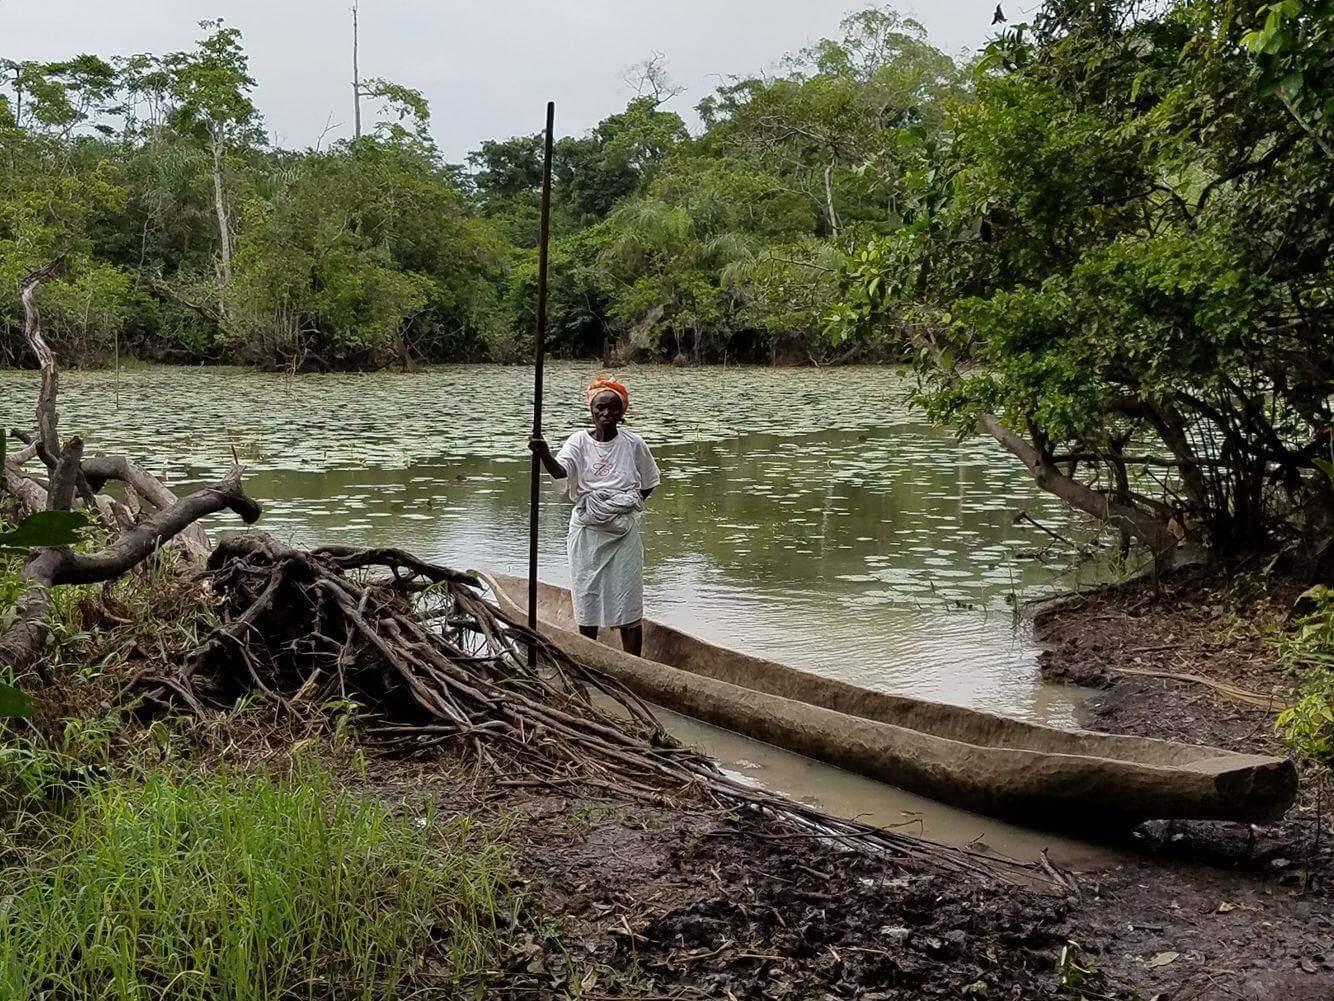 A woman on a canoe.